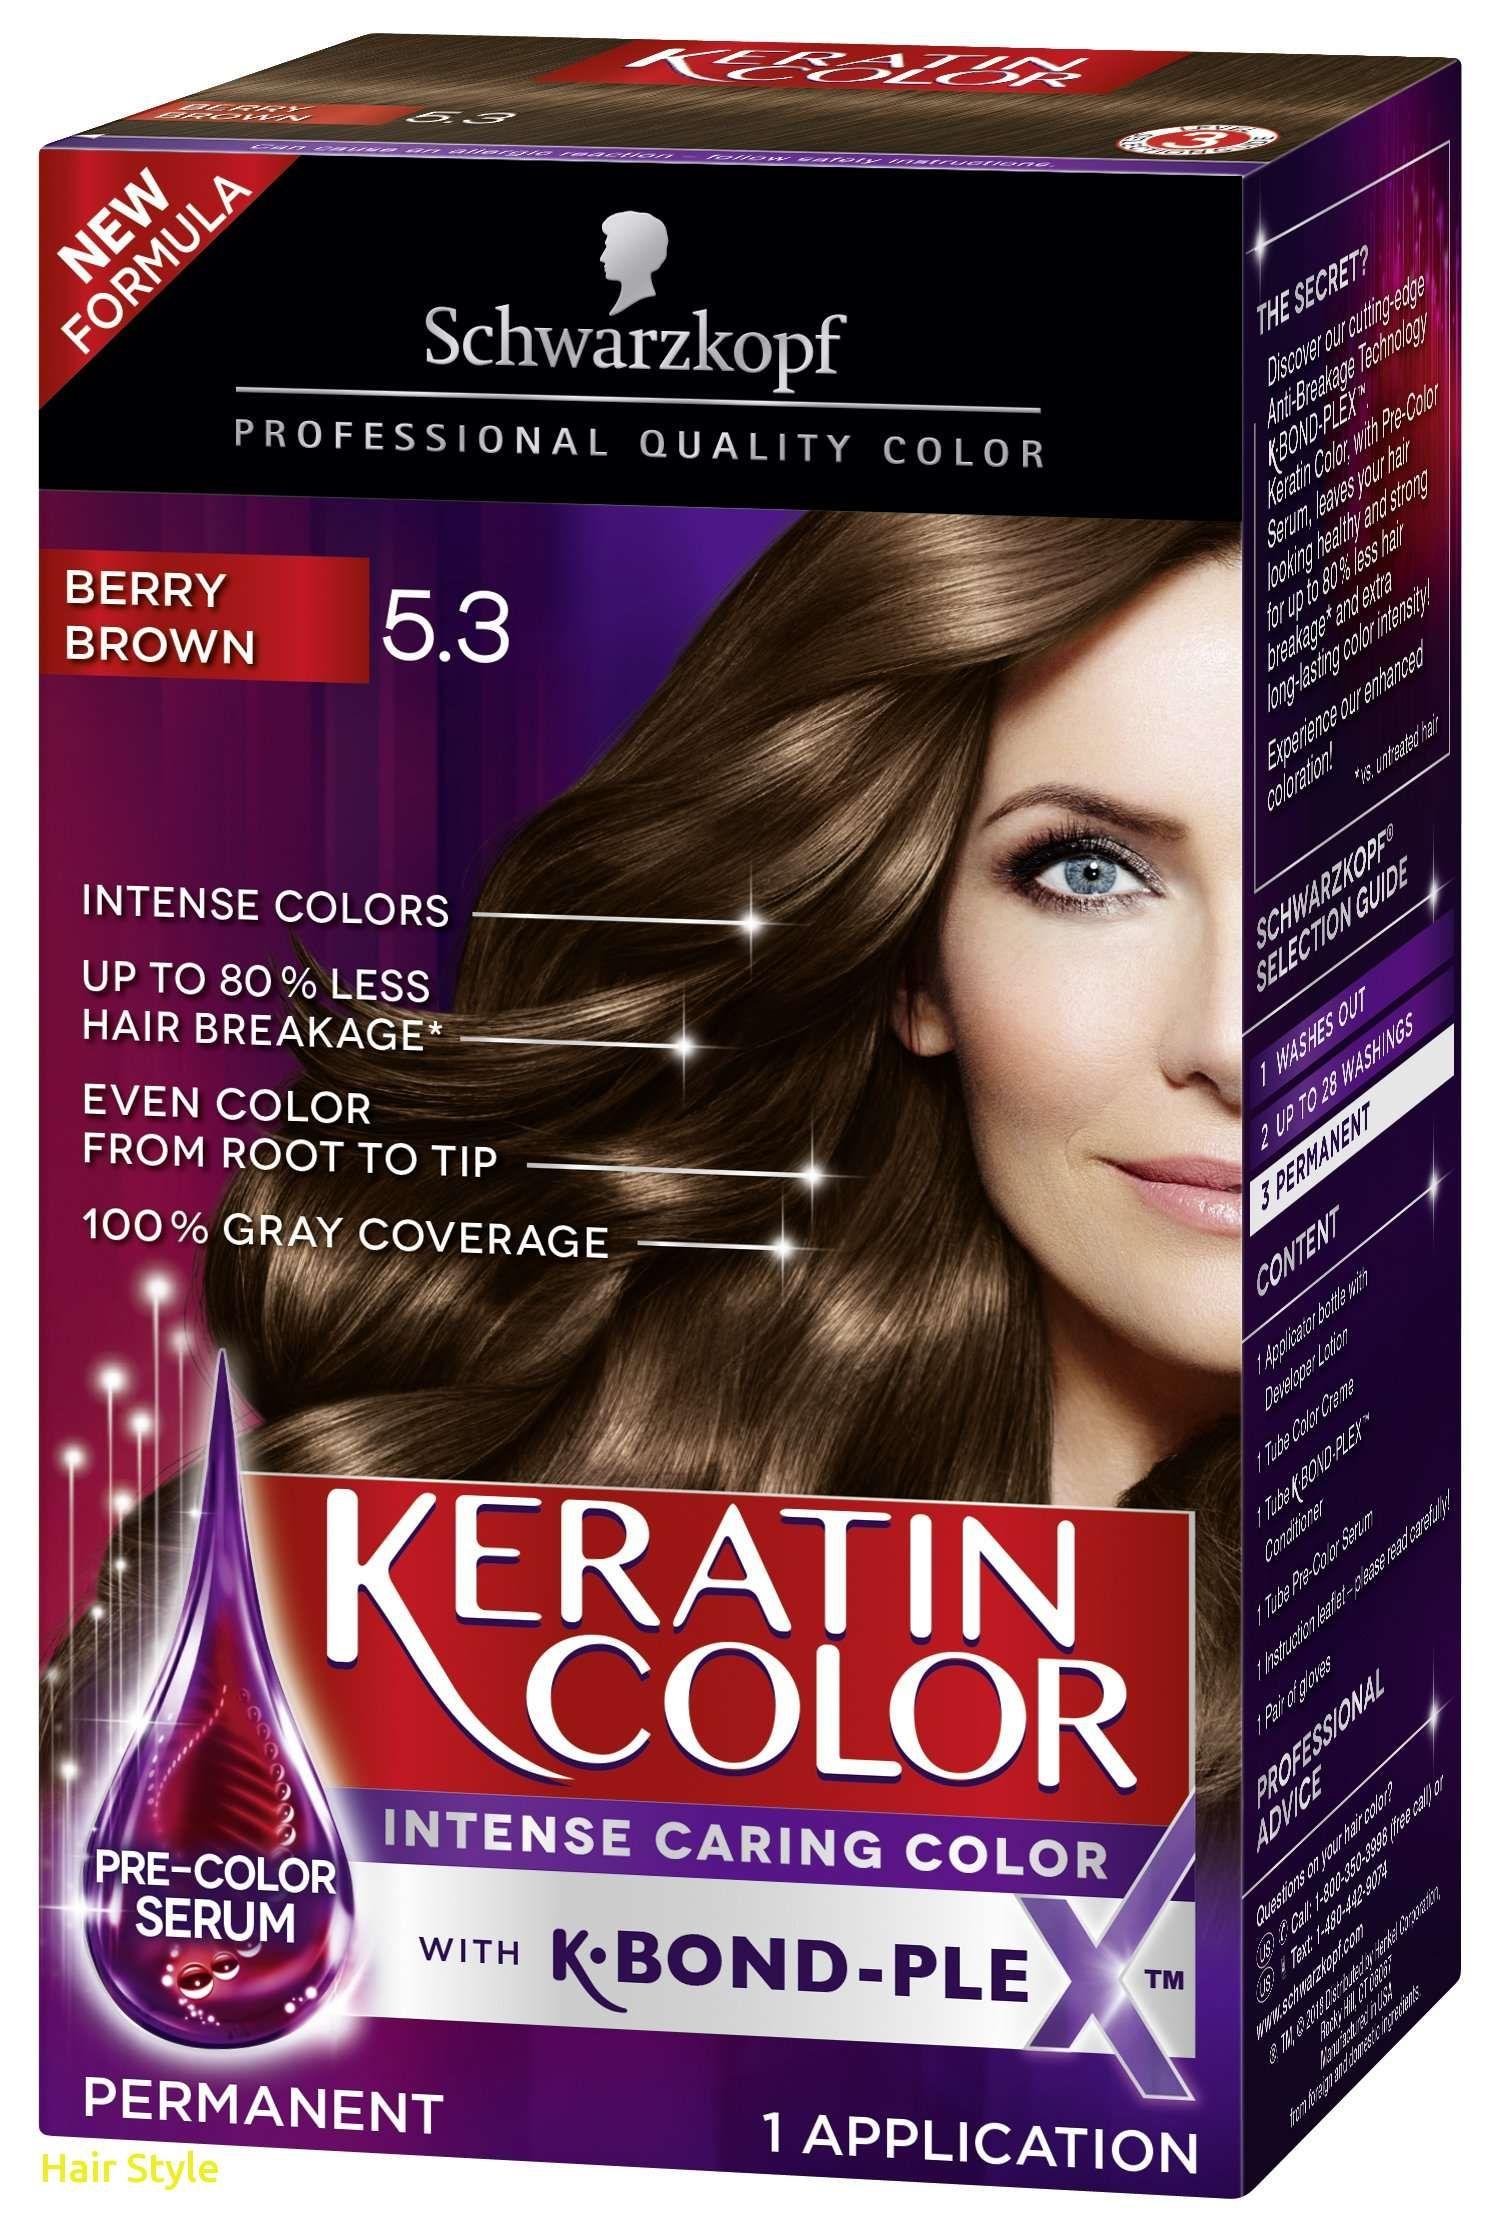 Haarfarbe marke empfehlung